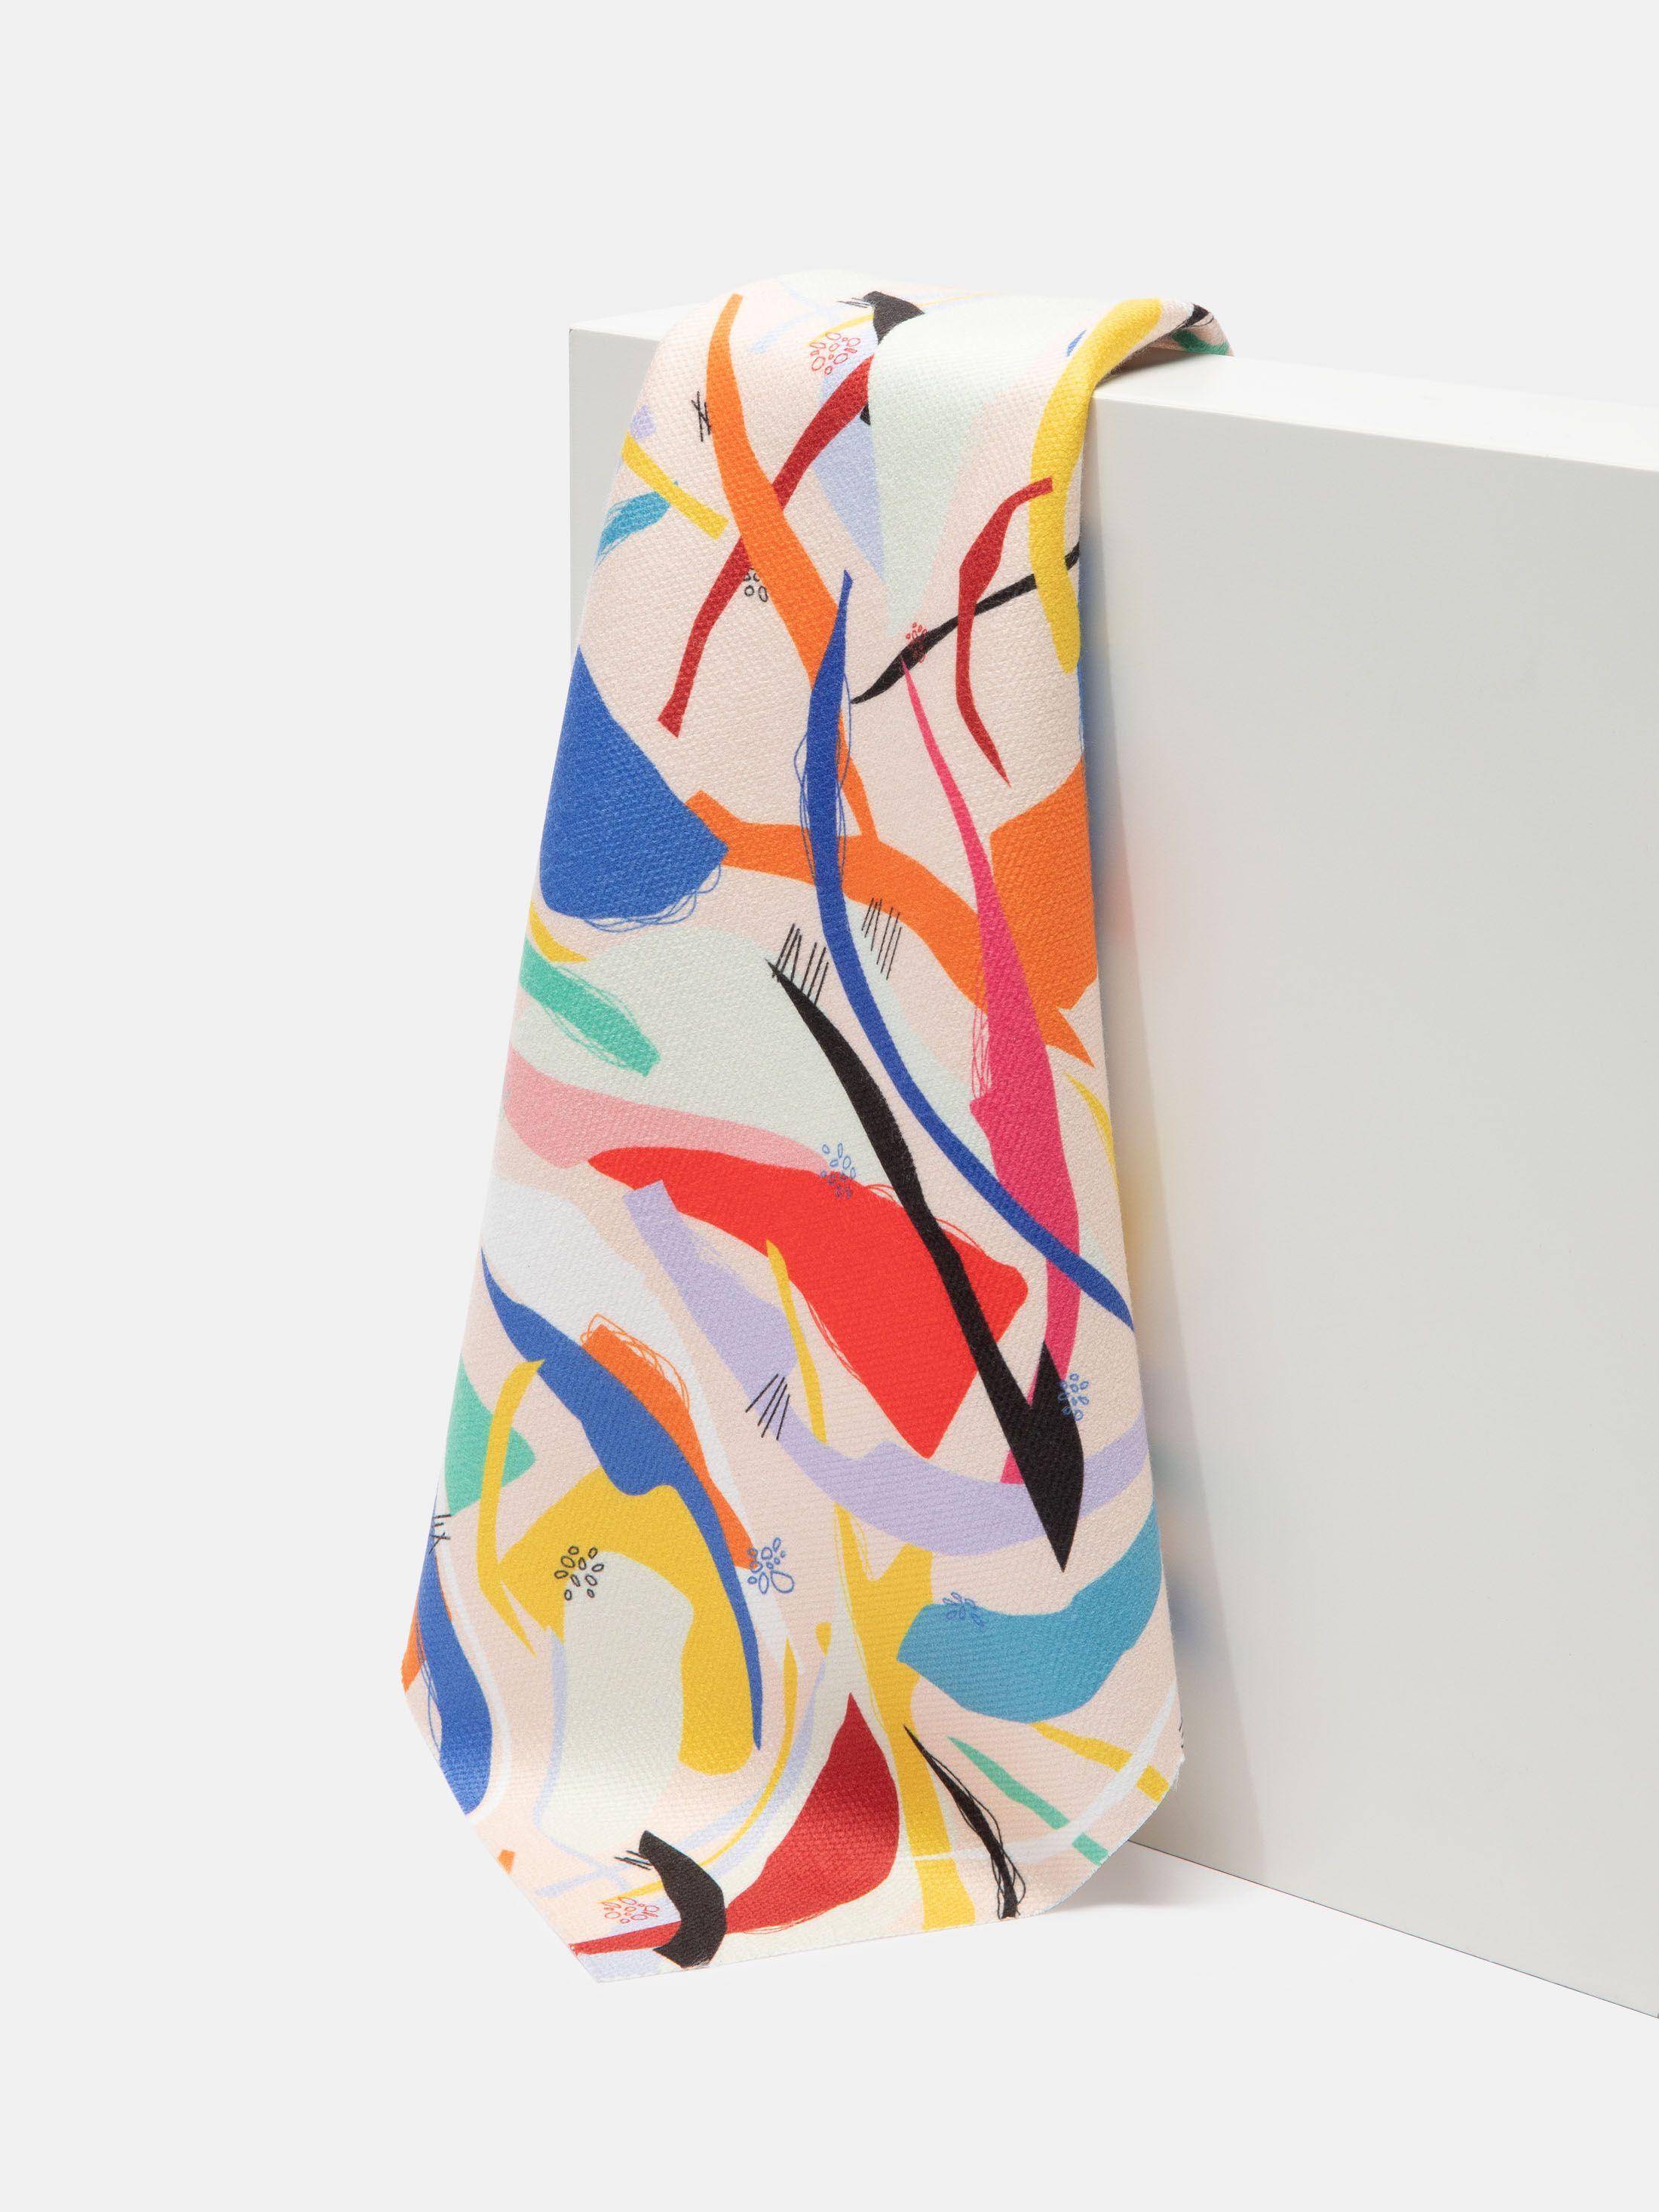 tissu Archway à imprimer